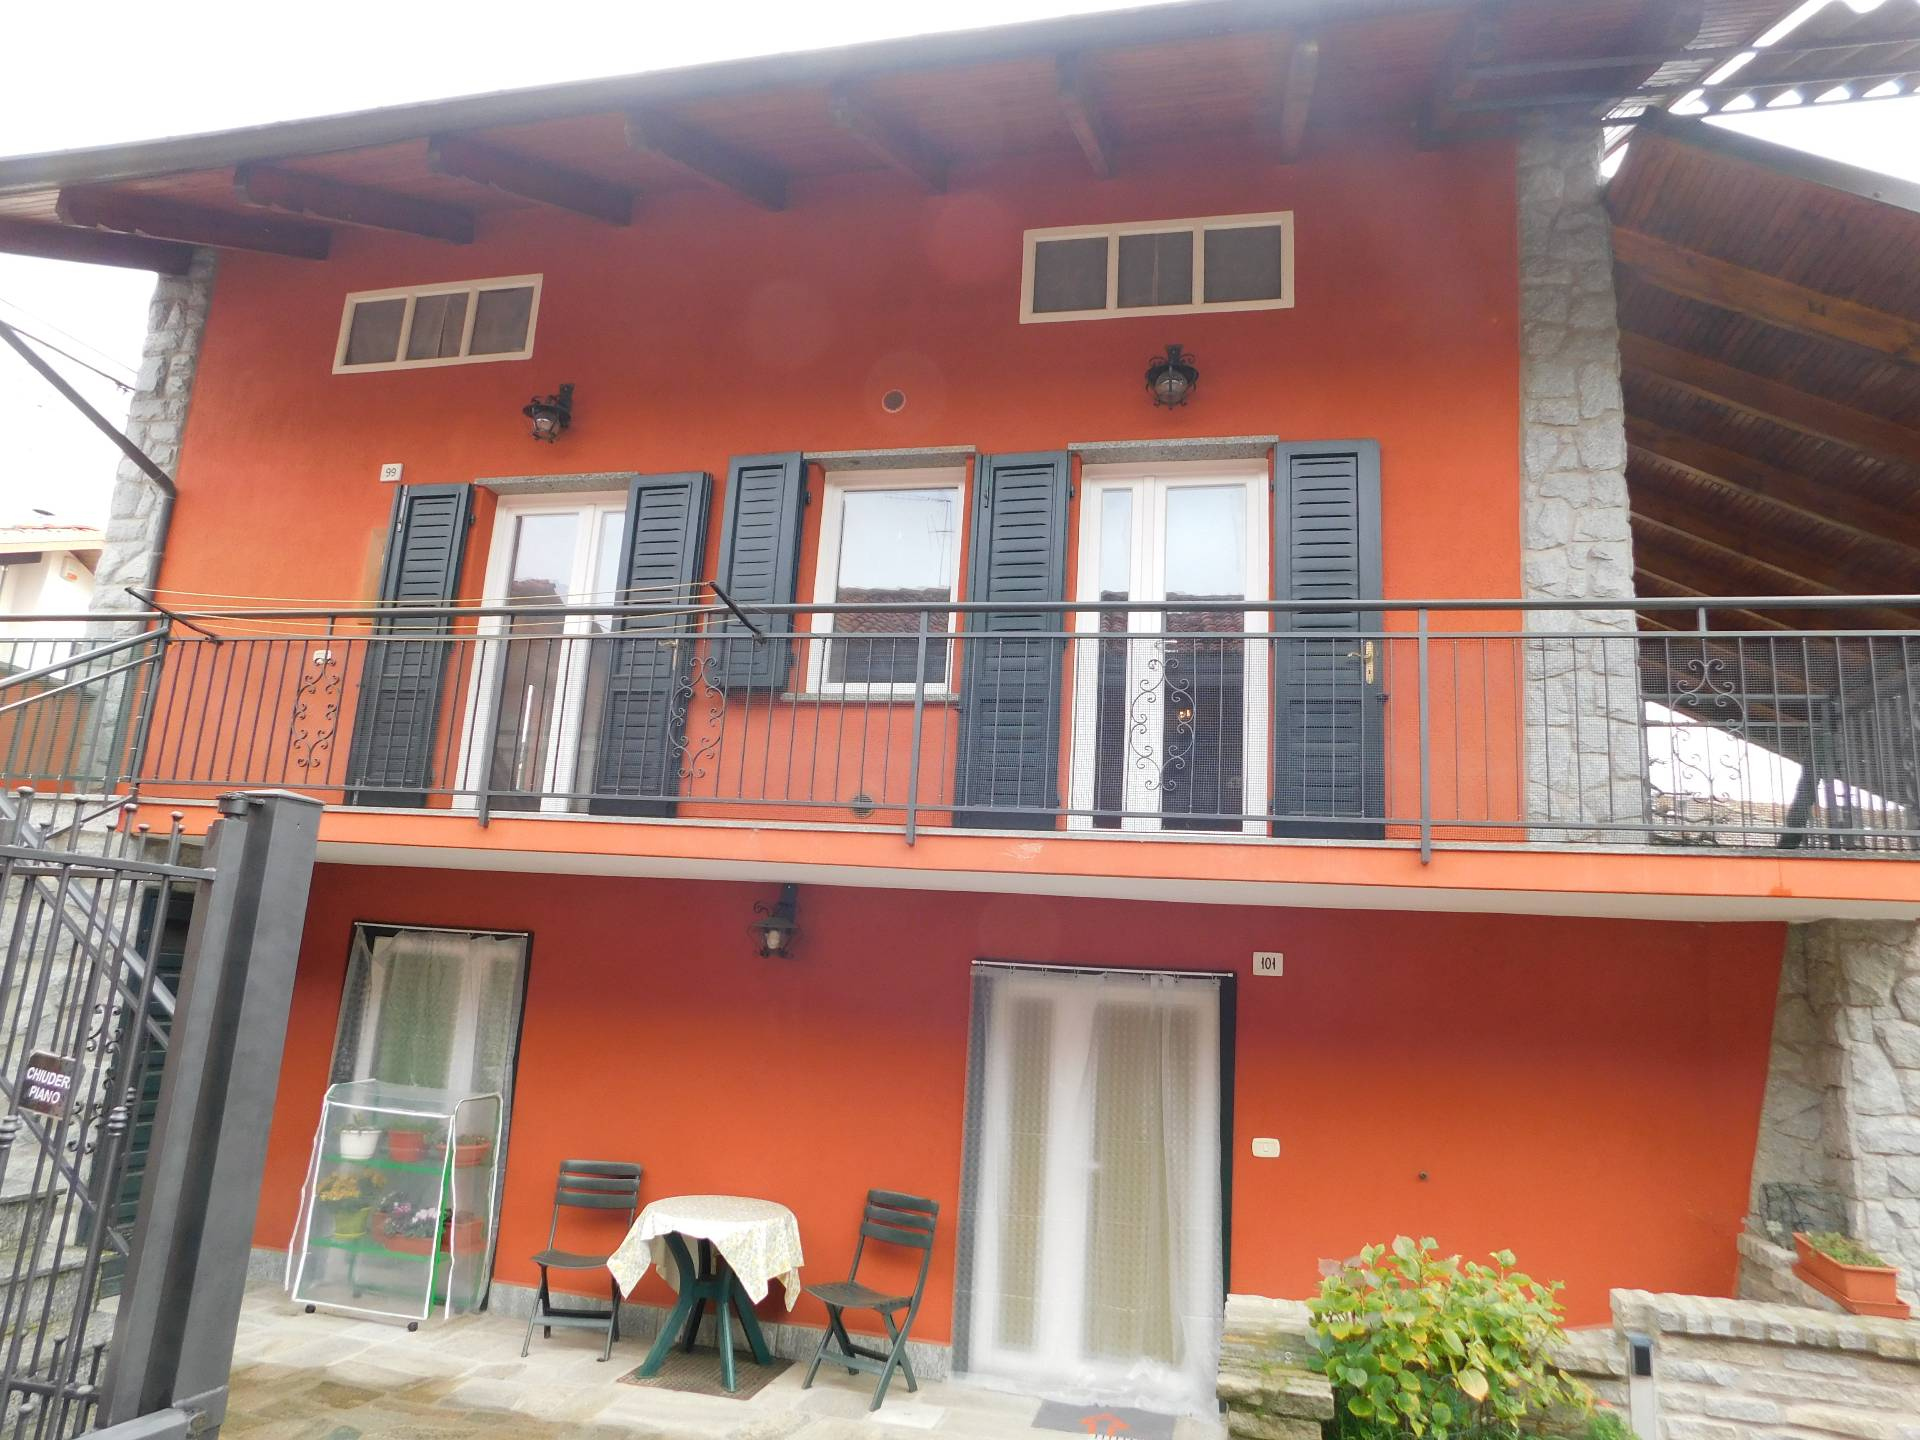 Appartamento in affitto a Giaveno, 2 locali, zona Località: BorgataSala, prezzo € 400 | PortaleAgenzieImmobiliari.it